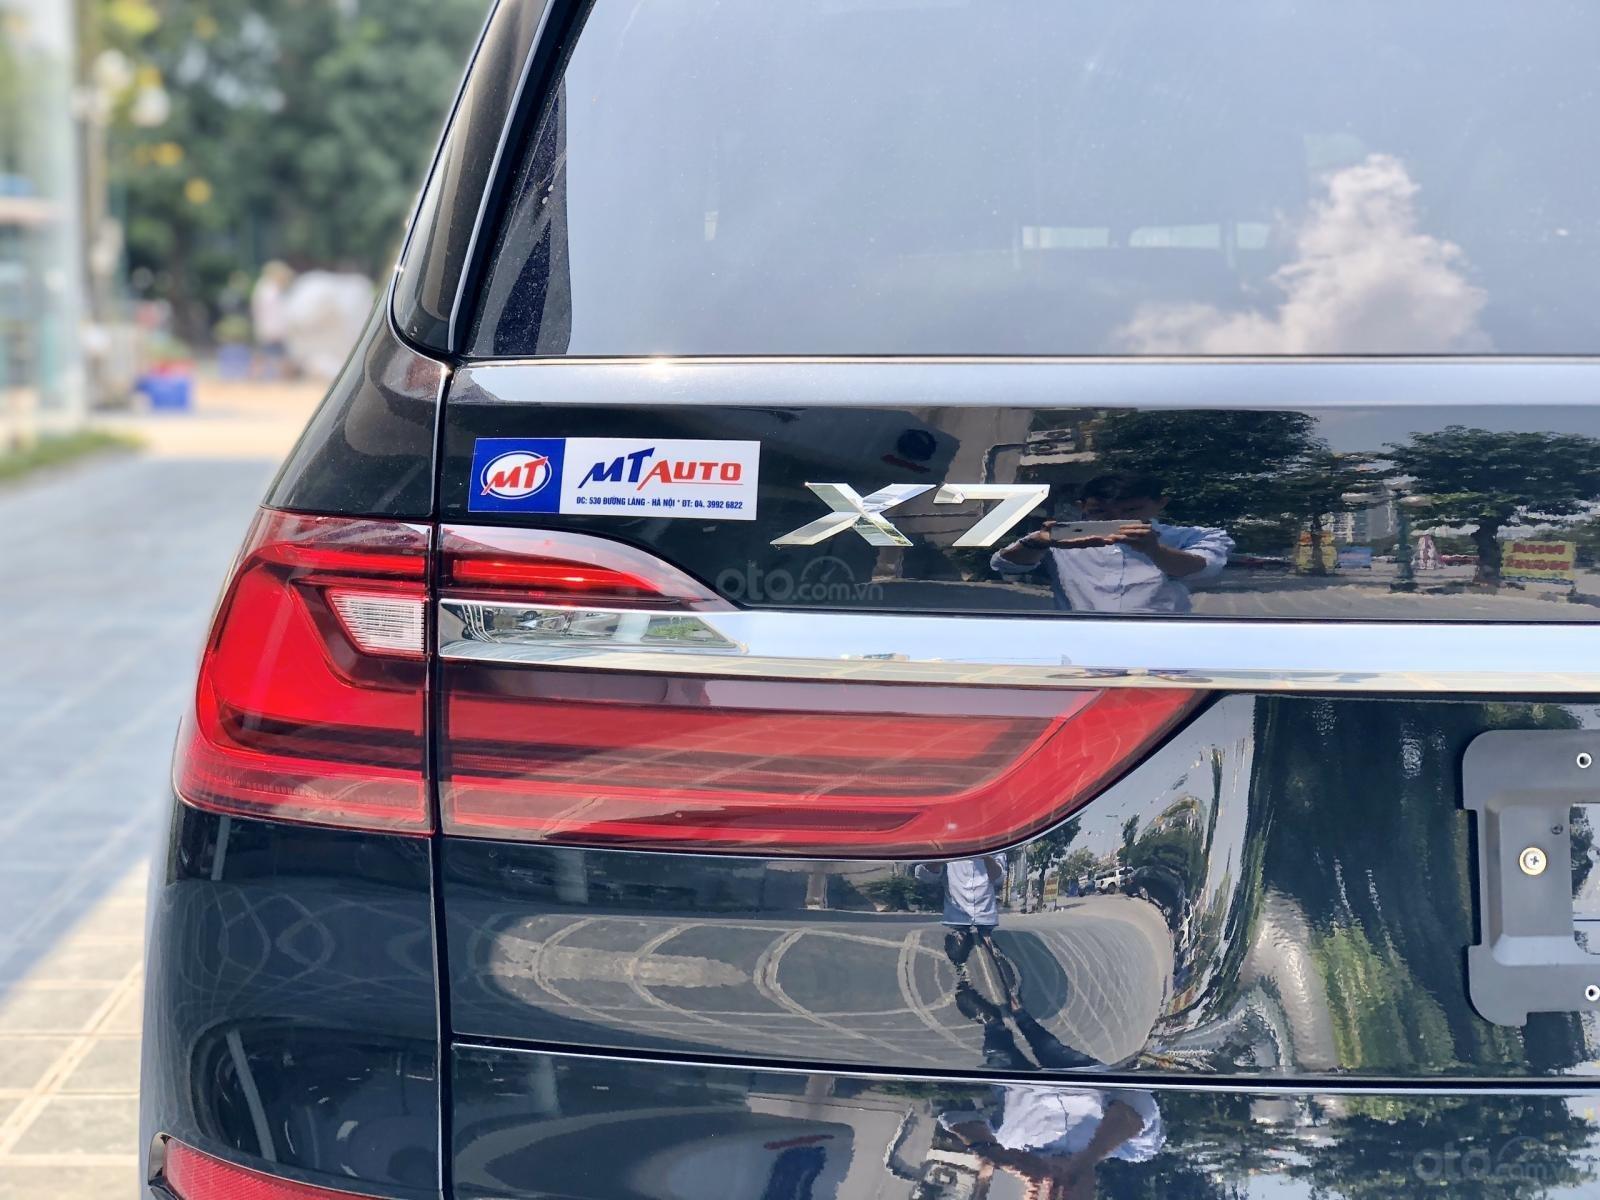 Bán BMW X7 XDrive40i M-Sport sản xuất năm 2019 full kịch option, màu đen, xe nhập Mỹ, LH 0982.84.2838 (12)